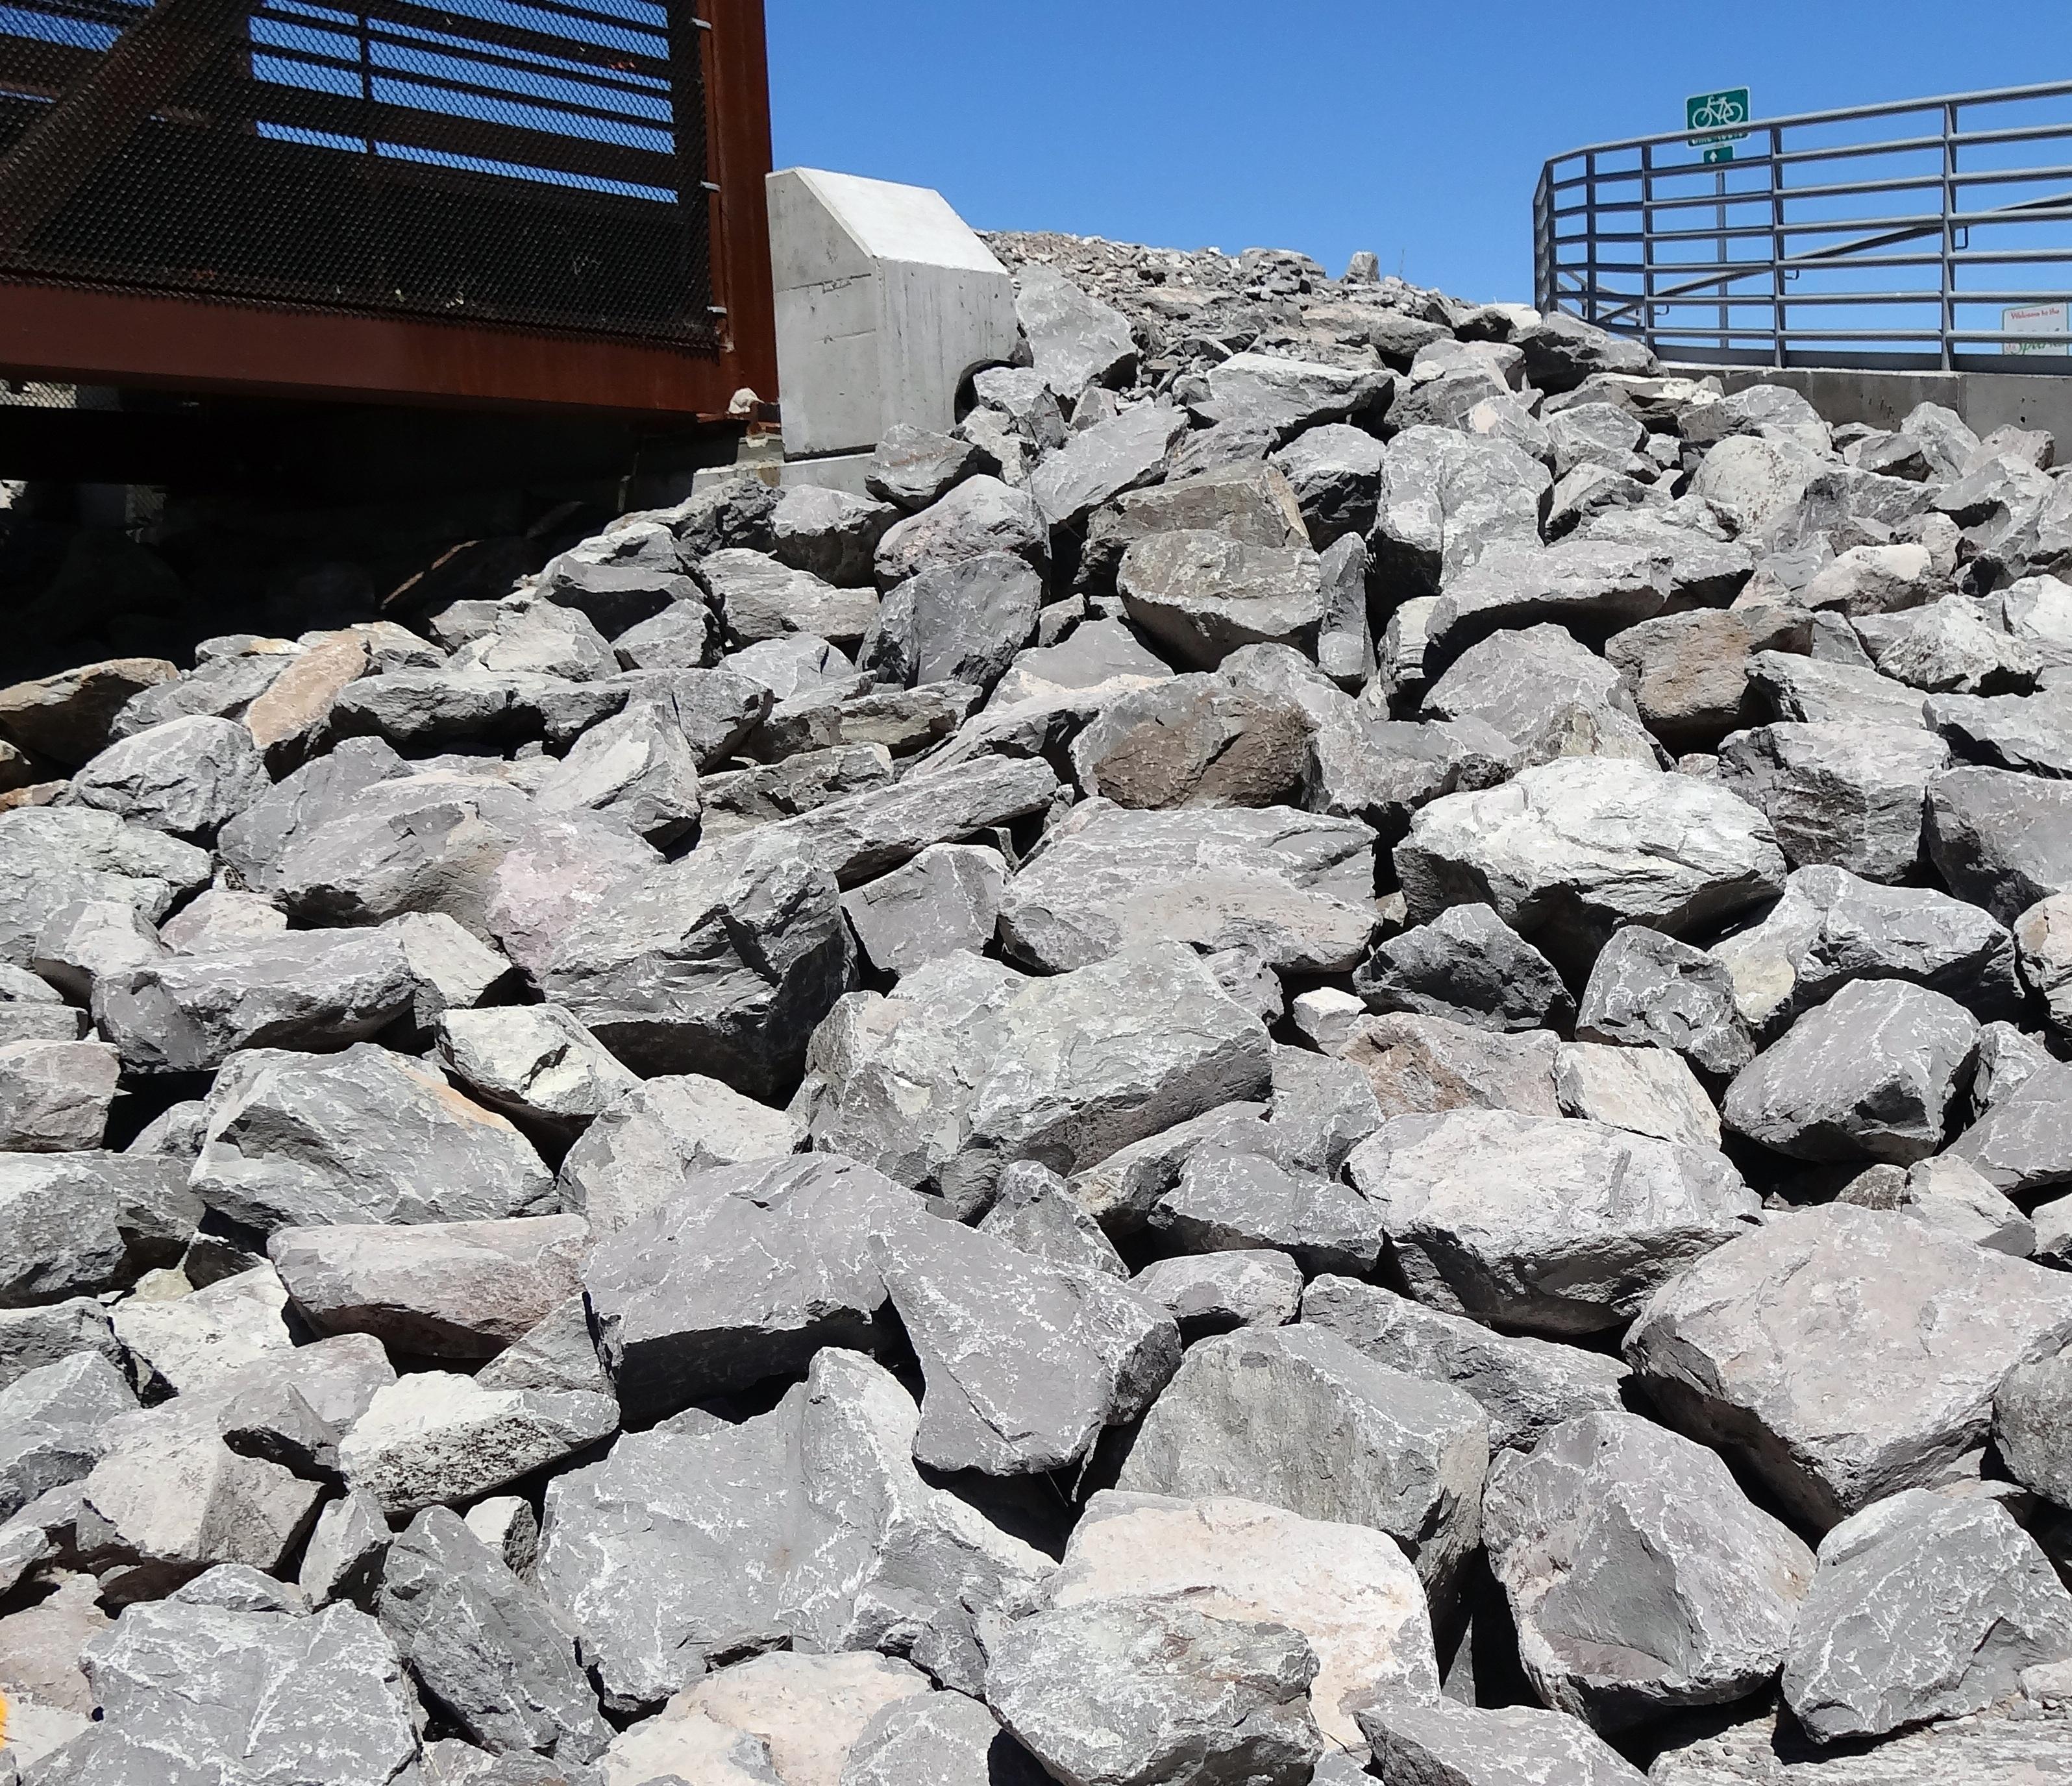 Gambar Batu Granit Bahan Kerikil Konstruksi Batuan